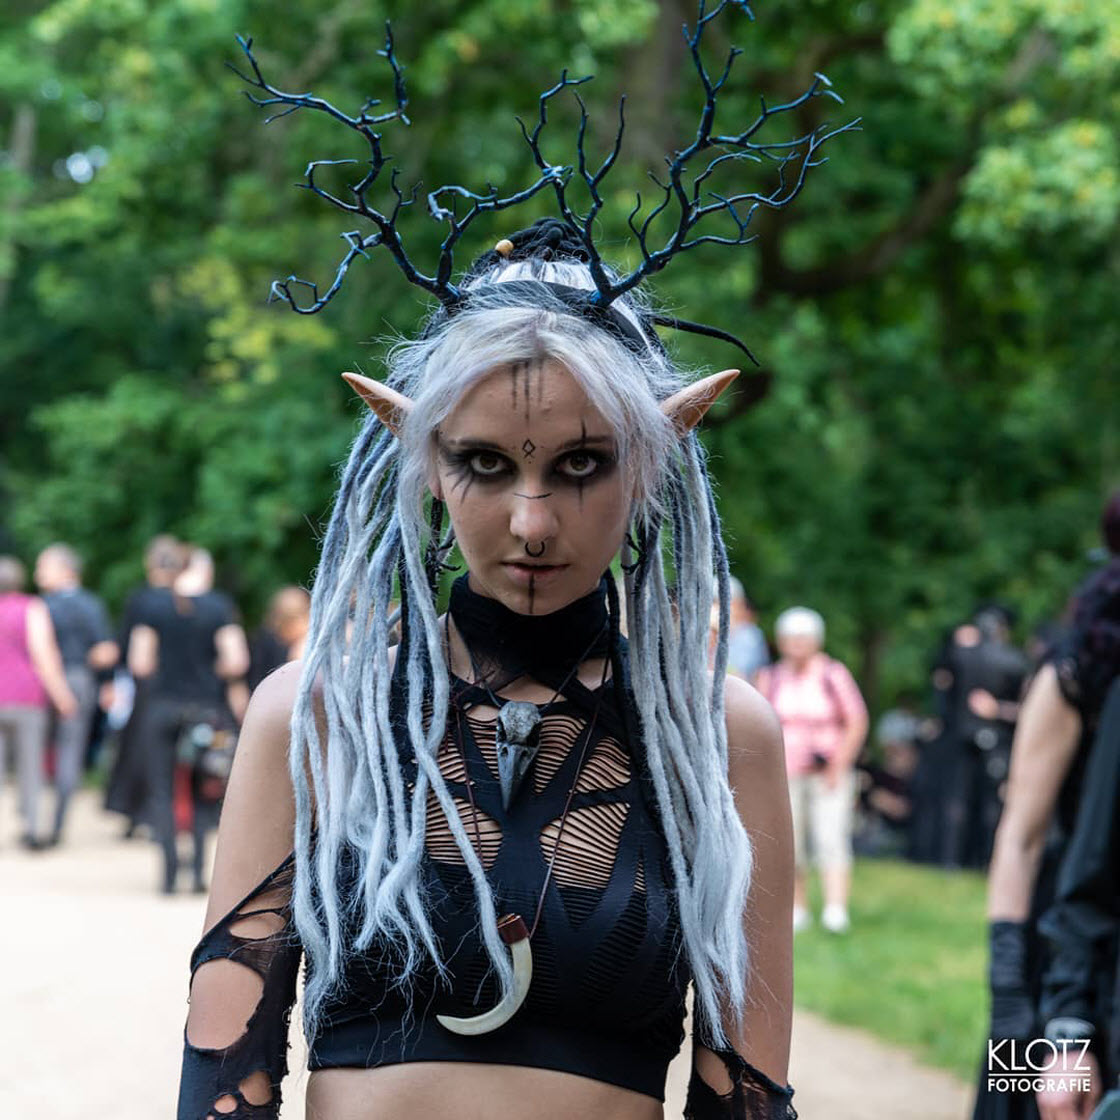 Вампиры и прочая нечисть собрались в Германии праздник,фестиваль,вампиры,вурдулаки,Германия,косплей,костюмы,наряды,нечисть,фестиваль